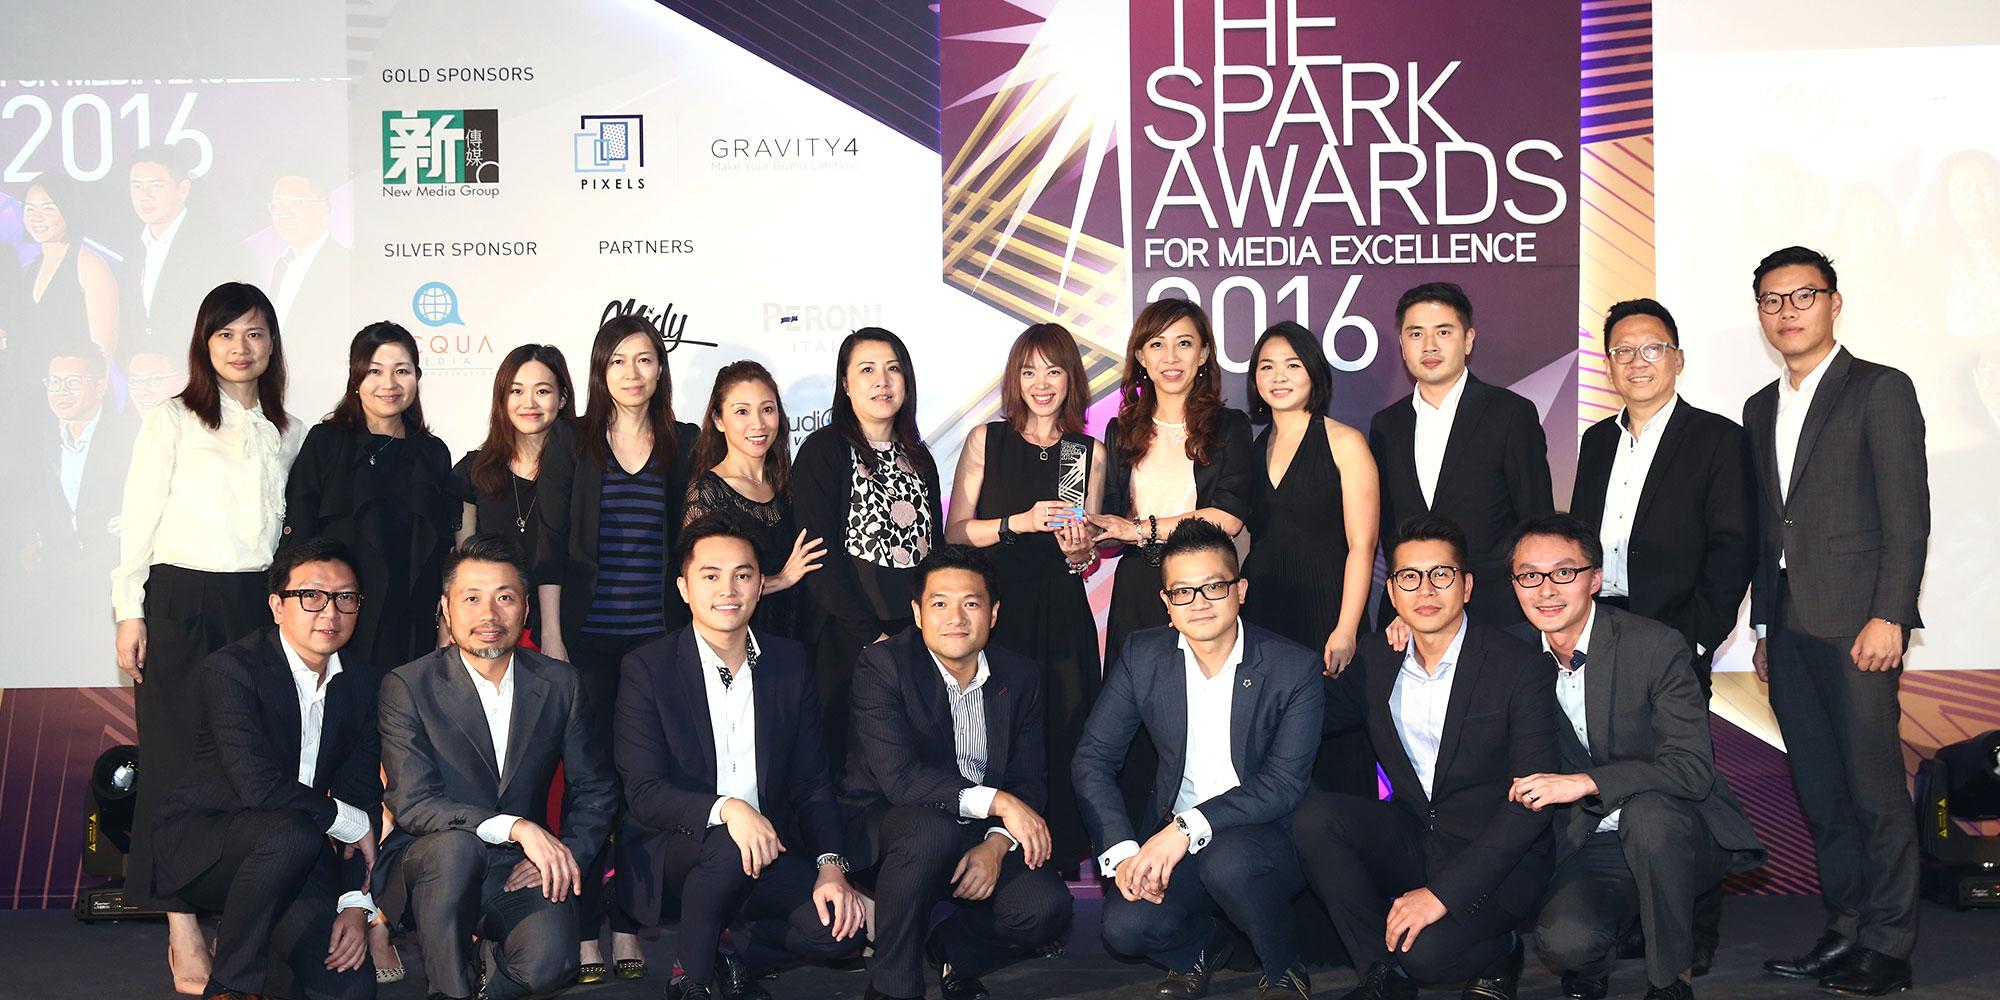 The Spark Awards 2017